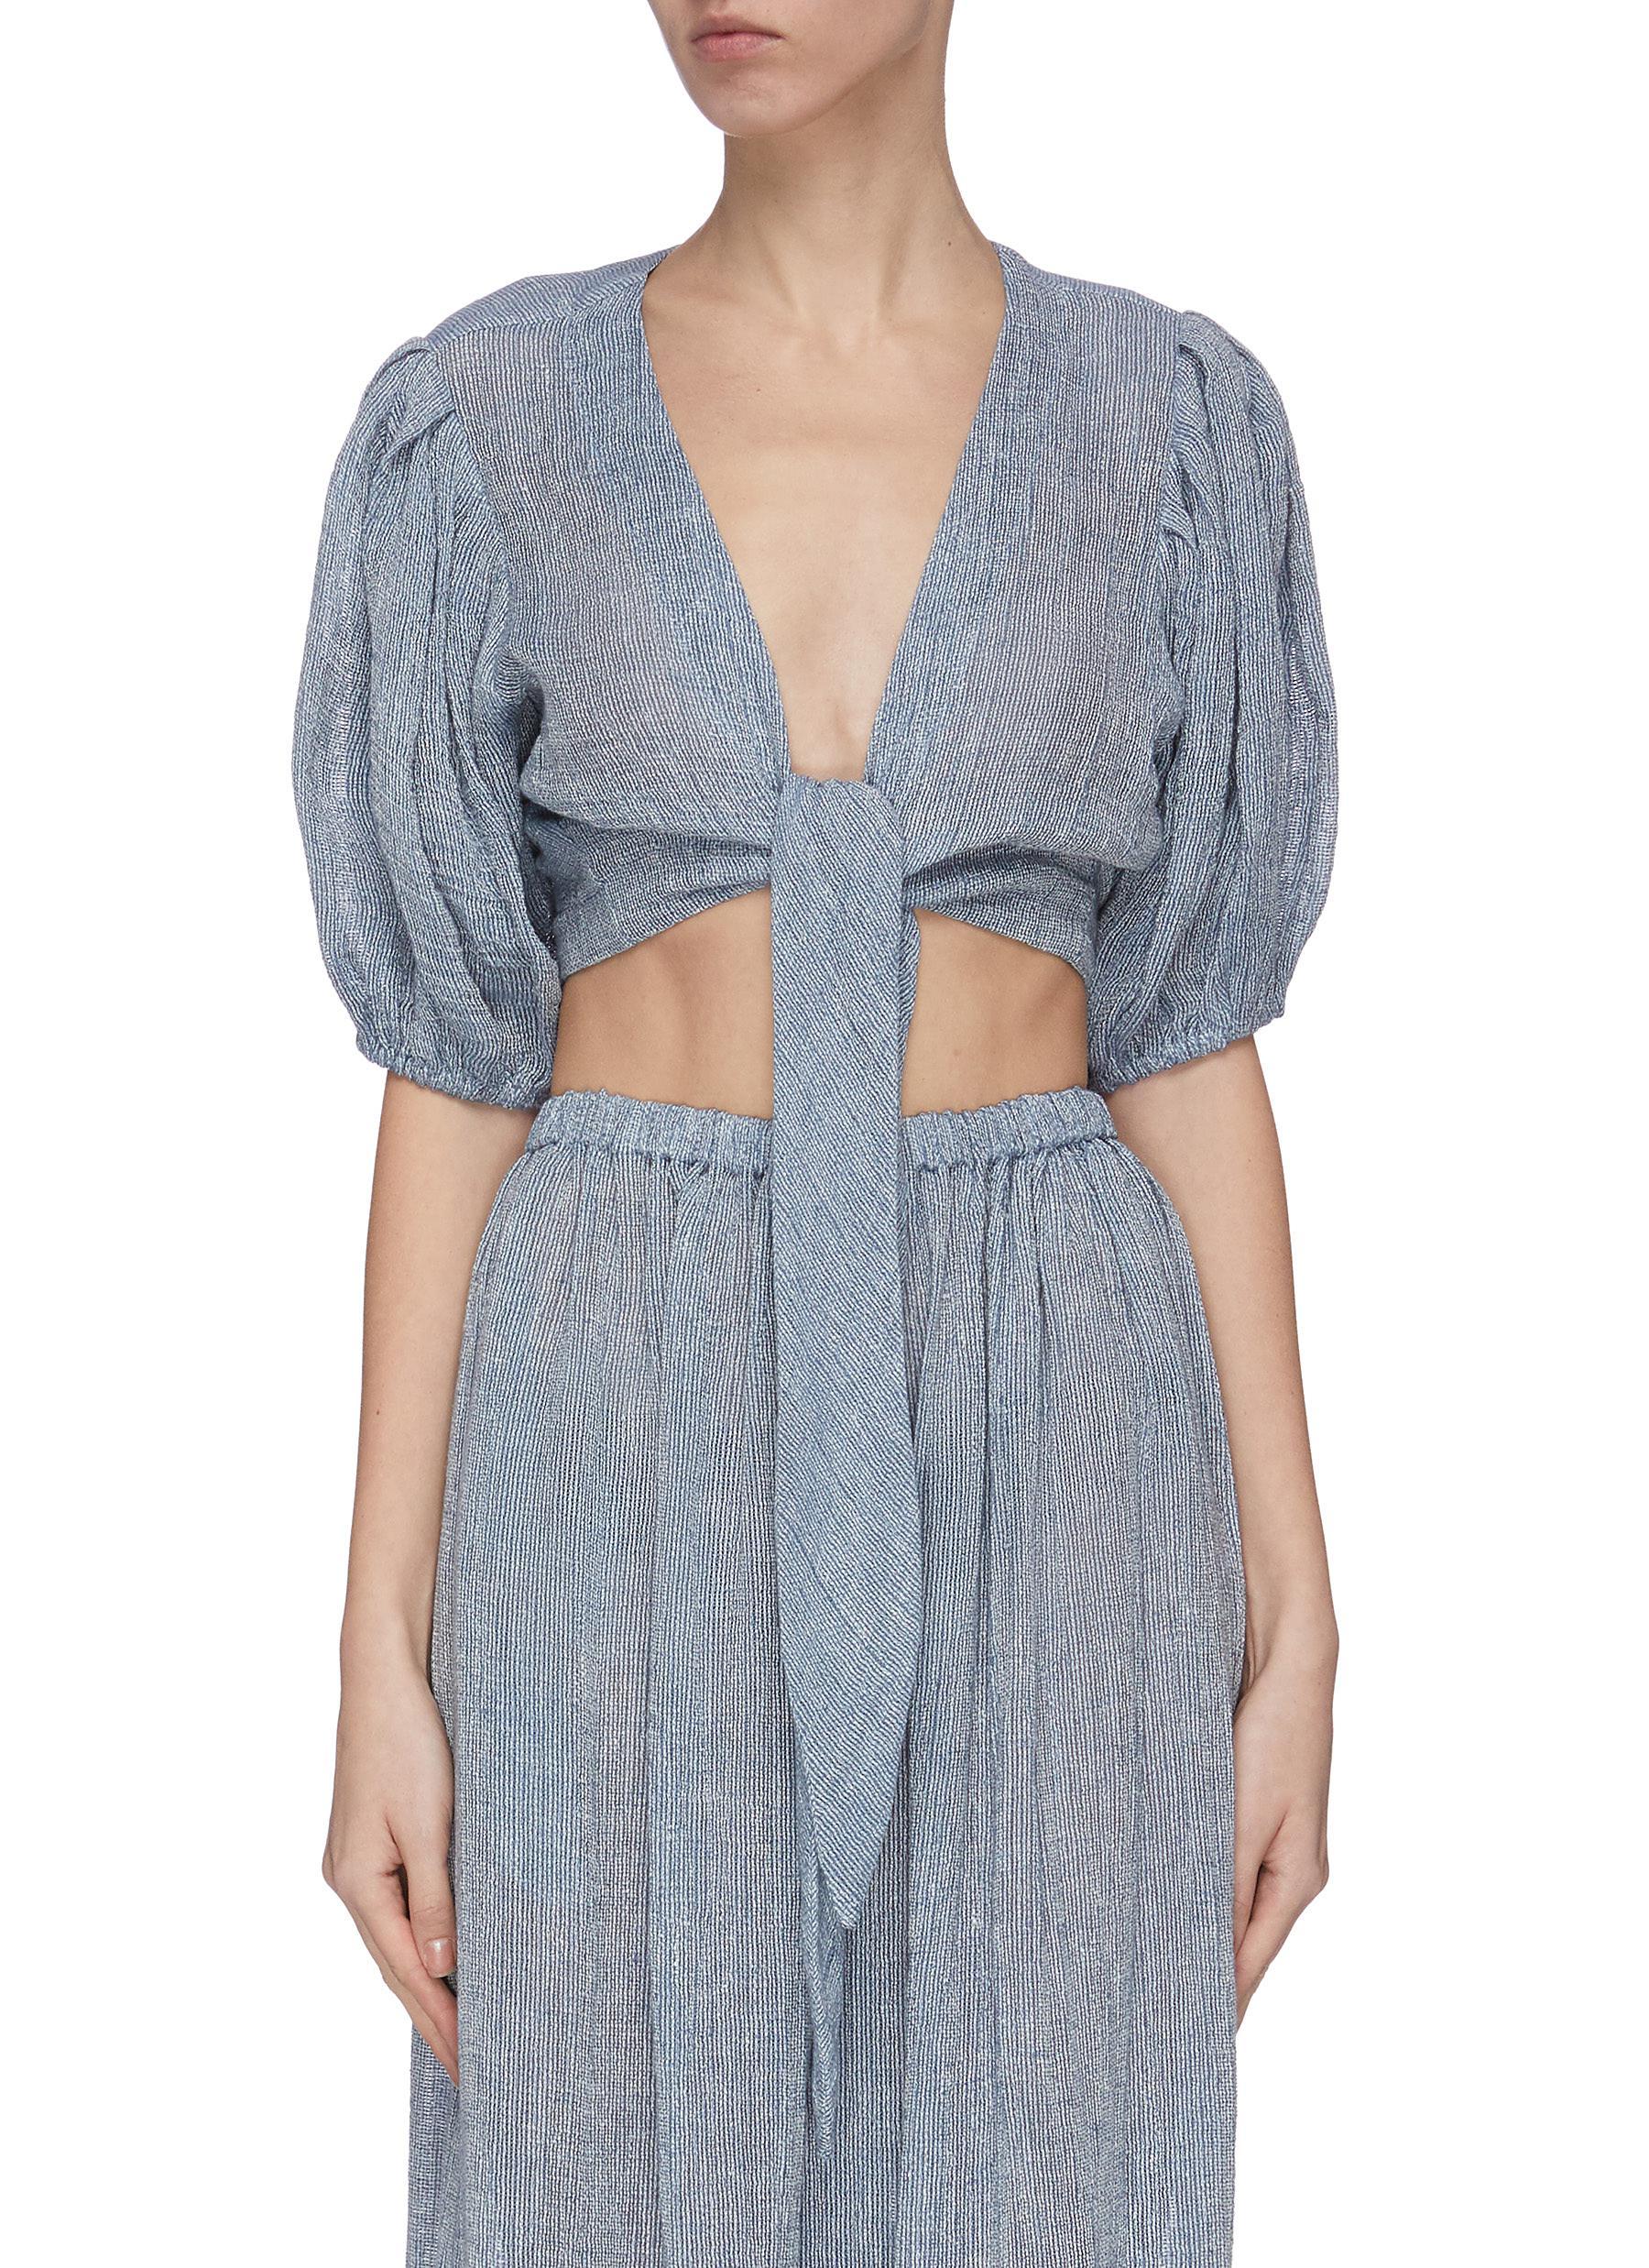 Buy Lisa Marie Fernandez Swimwear 'Pouf' tie blouse